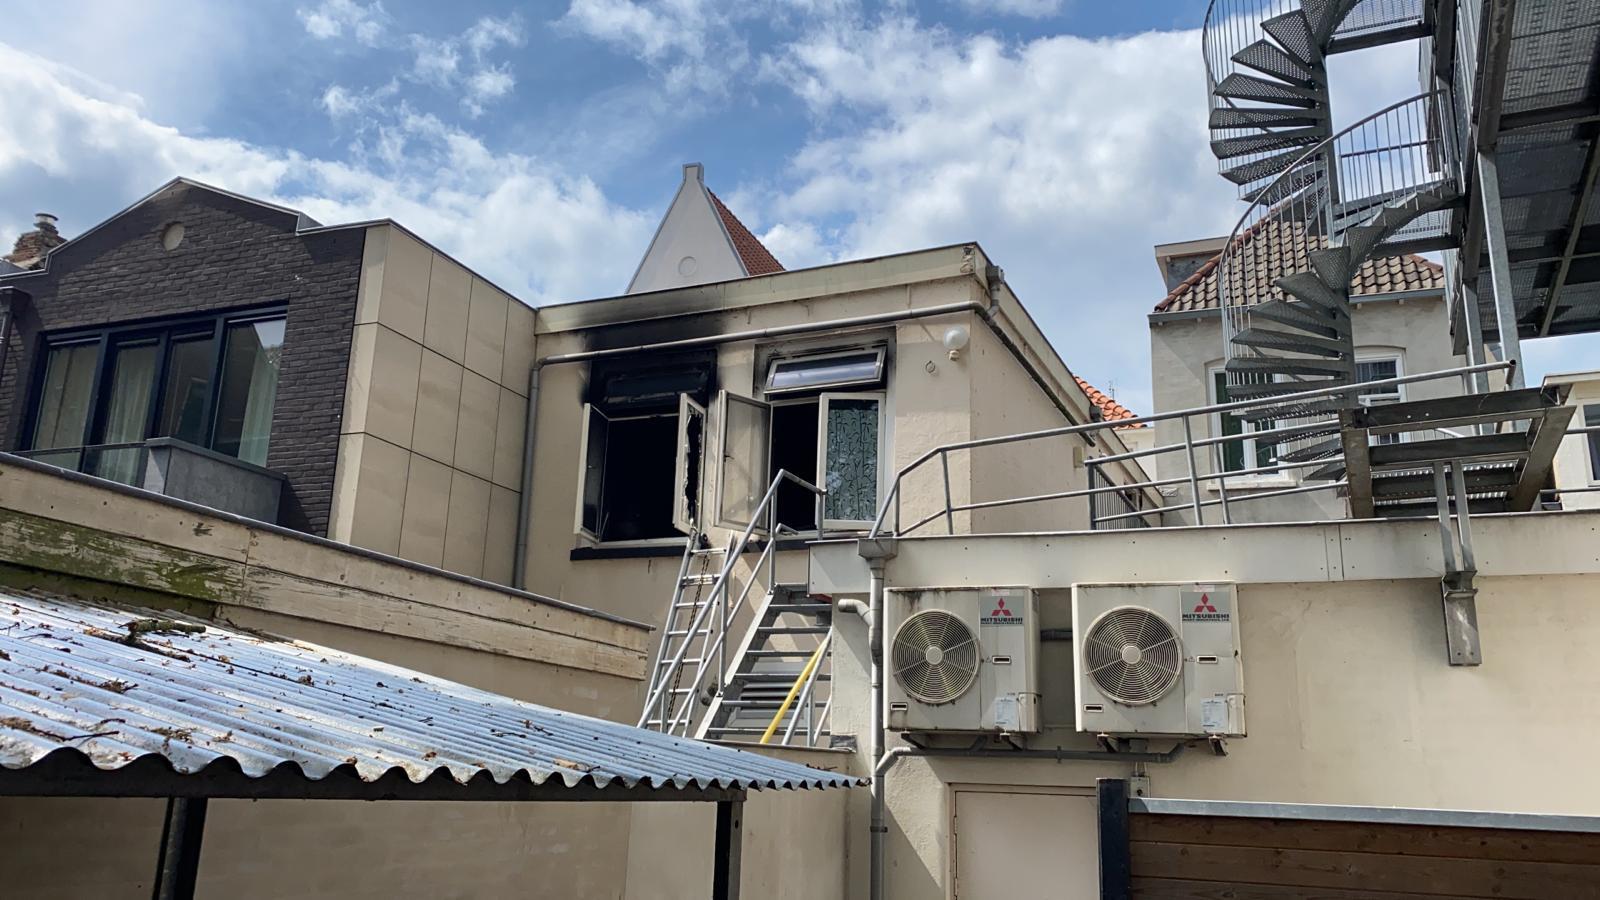 De brand in een woning in het centrum van Deventer laat flinke sporen na.